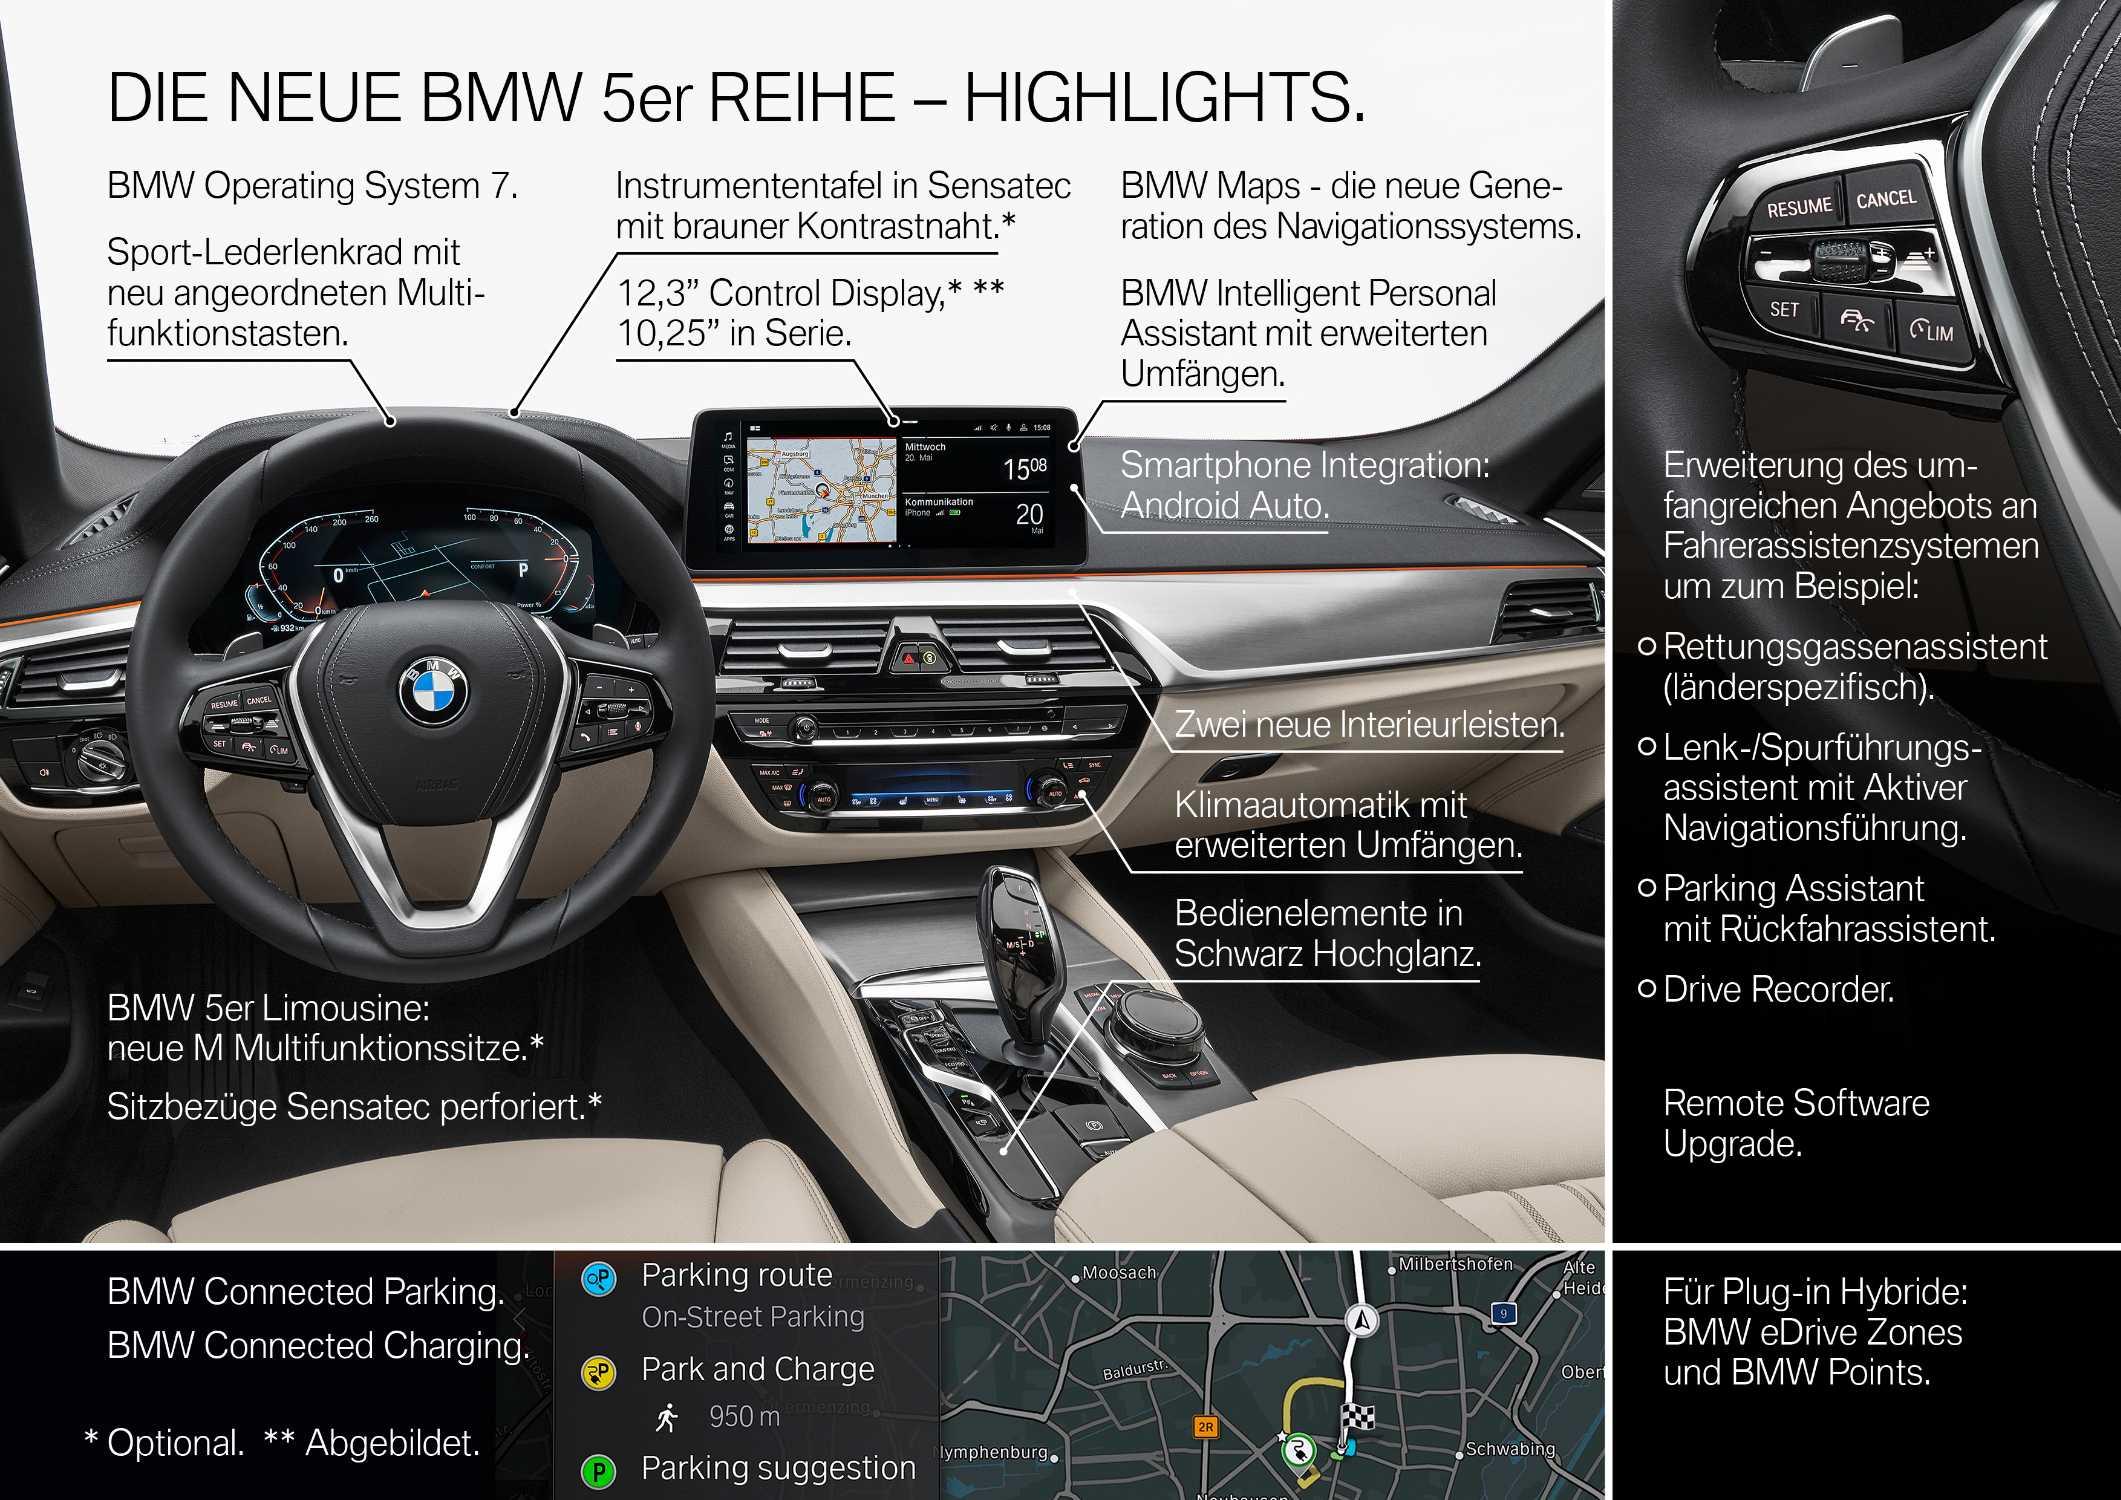 Die neue BMW 5er Reihe - Highlights (05/2020)